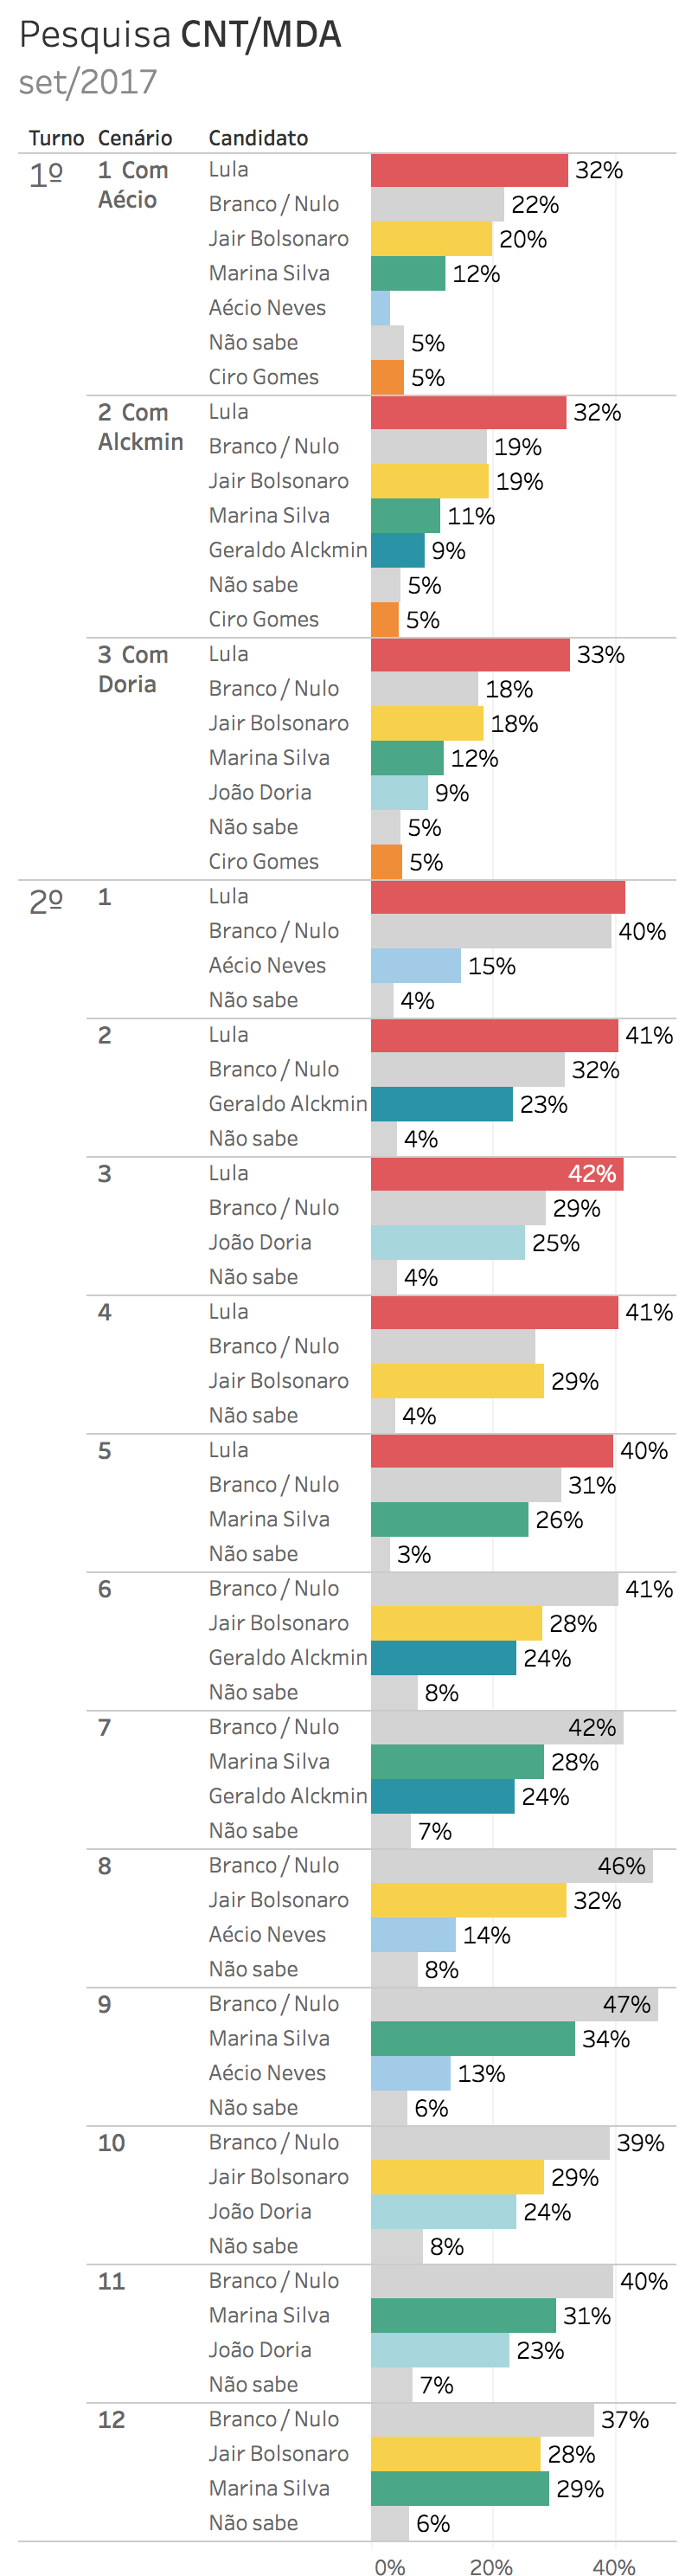 Eleições 2018. Gráfico: pesquisa eleitoral para presidente CNT/MDA - setembro 2017 (13/9/2017 a 16/9/2017). Intenções de voto. Gazeta do Povo. Nomes pesquisados: Lula, Jair Bolsonaro, Marina Silva, Ciro Gomes, Aécio Neves, Geraldo Alckmin e João Doria